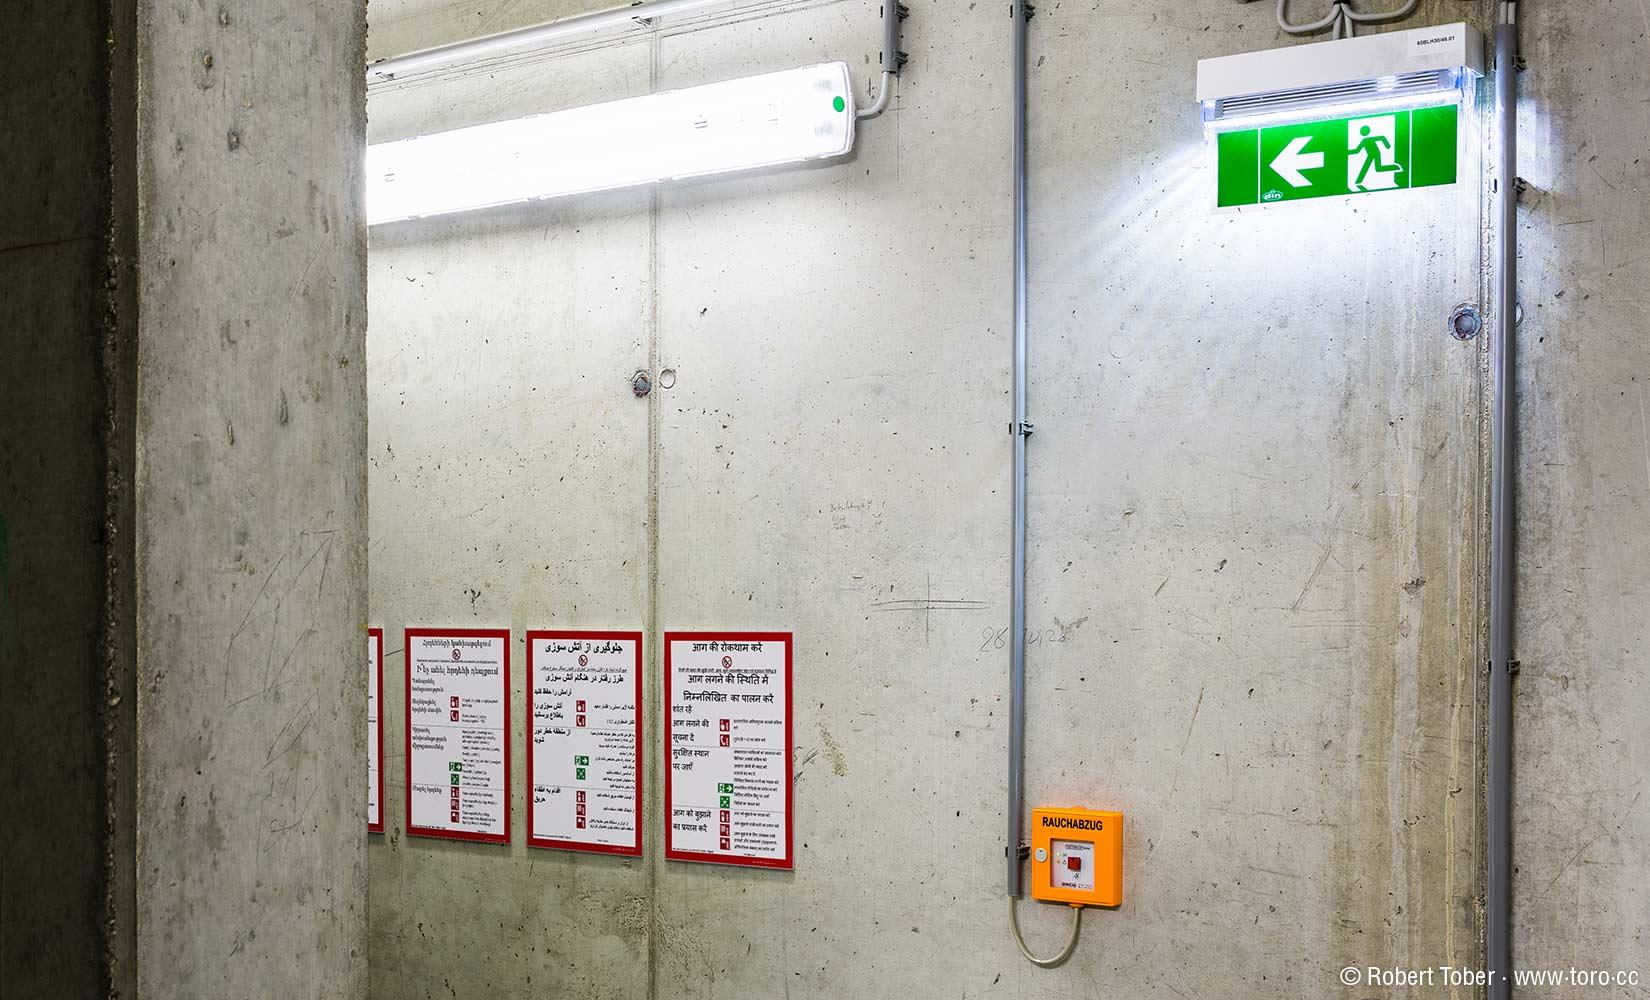 Tafeln mit Brandschutz-Hinweisen in verschiedenen Sprachen, Fluchtwegskennzeichnung, Sichtbeton © Robert Tober